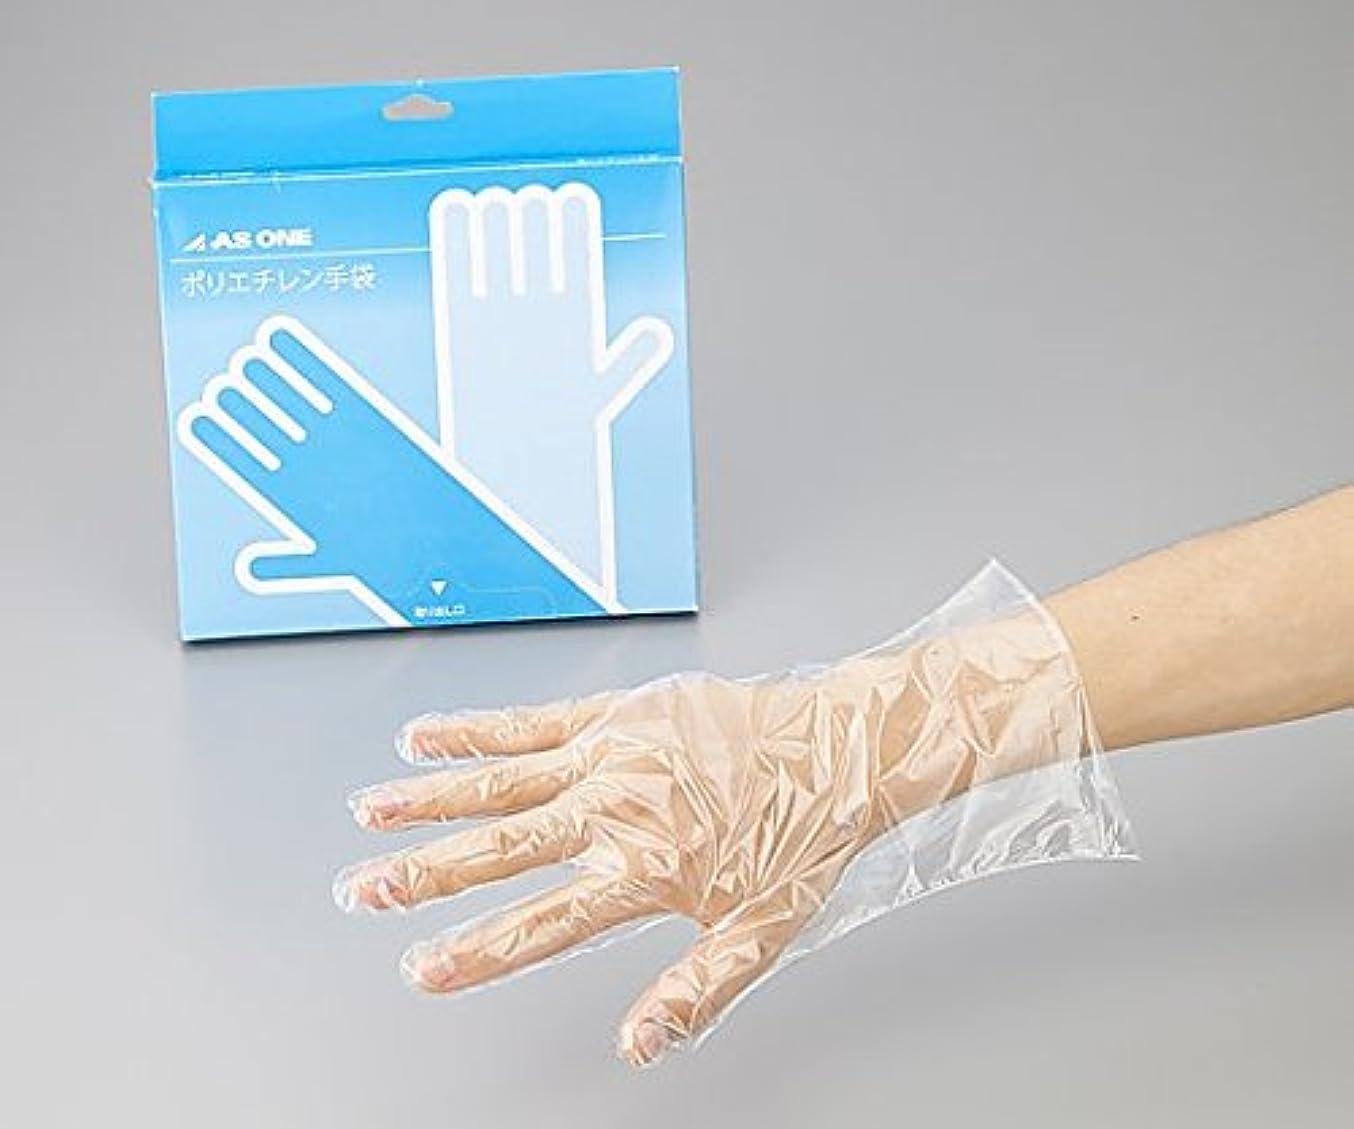 甘美な制限する薄汚いアズワン2-4972-03ポリエチレン手袋エコノミー薄手S100枚入